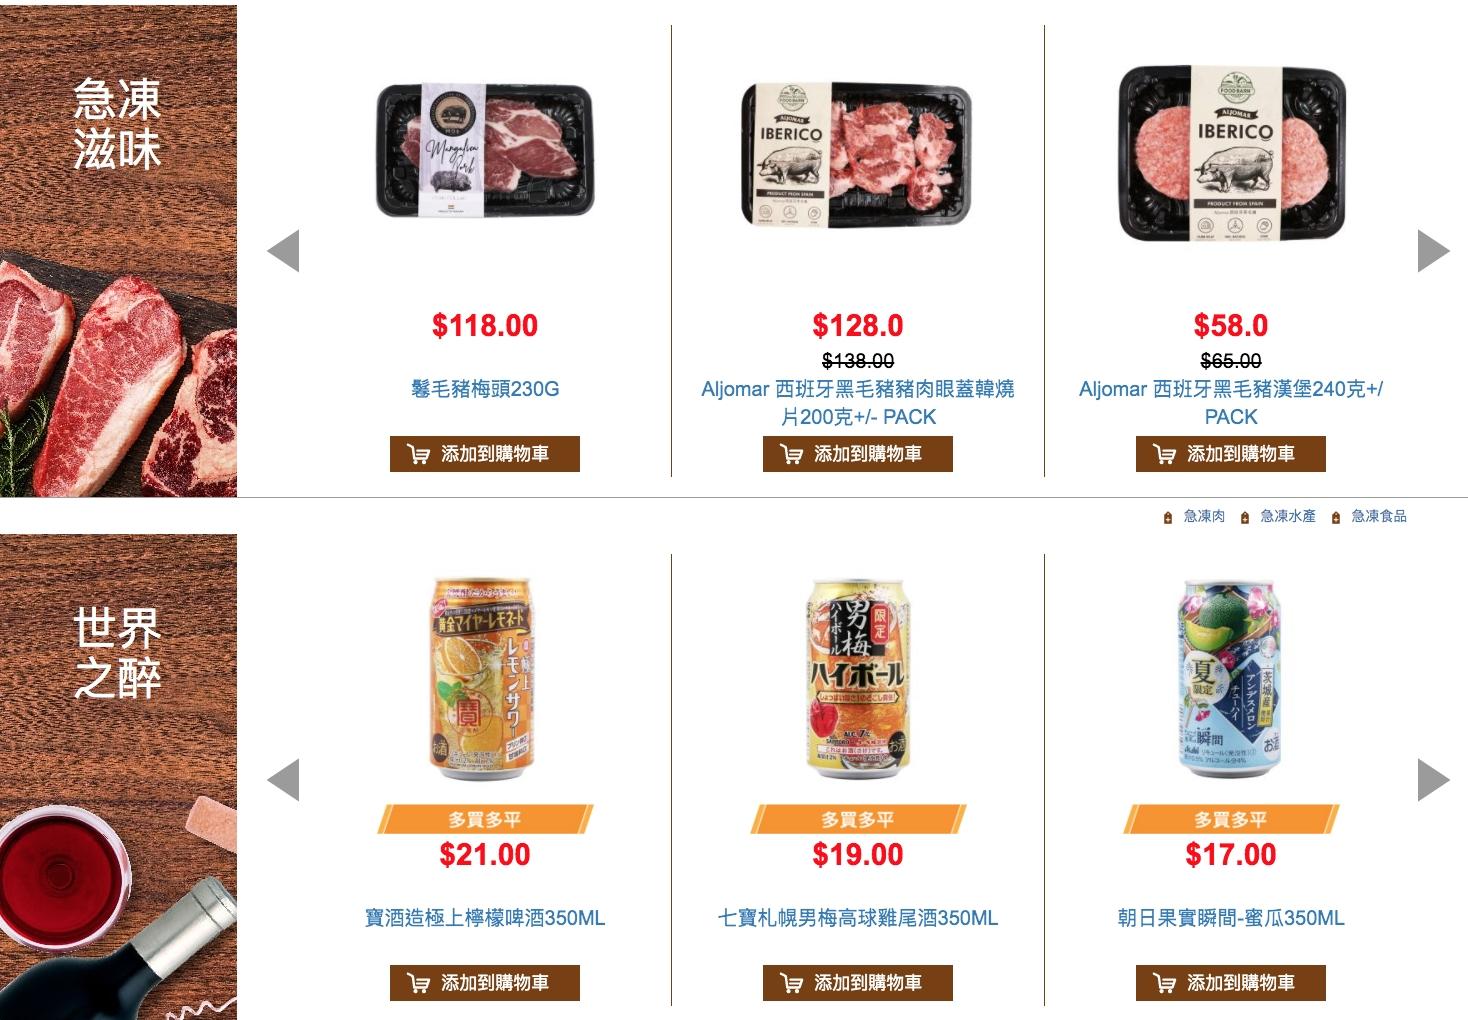 網上買餸平台,餸菜包,蔬果,肉類,海鮮,日本,冰鮮,新冠肺炎,超市